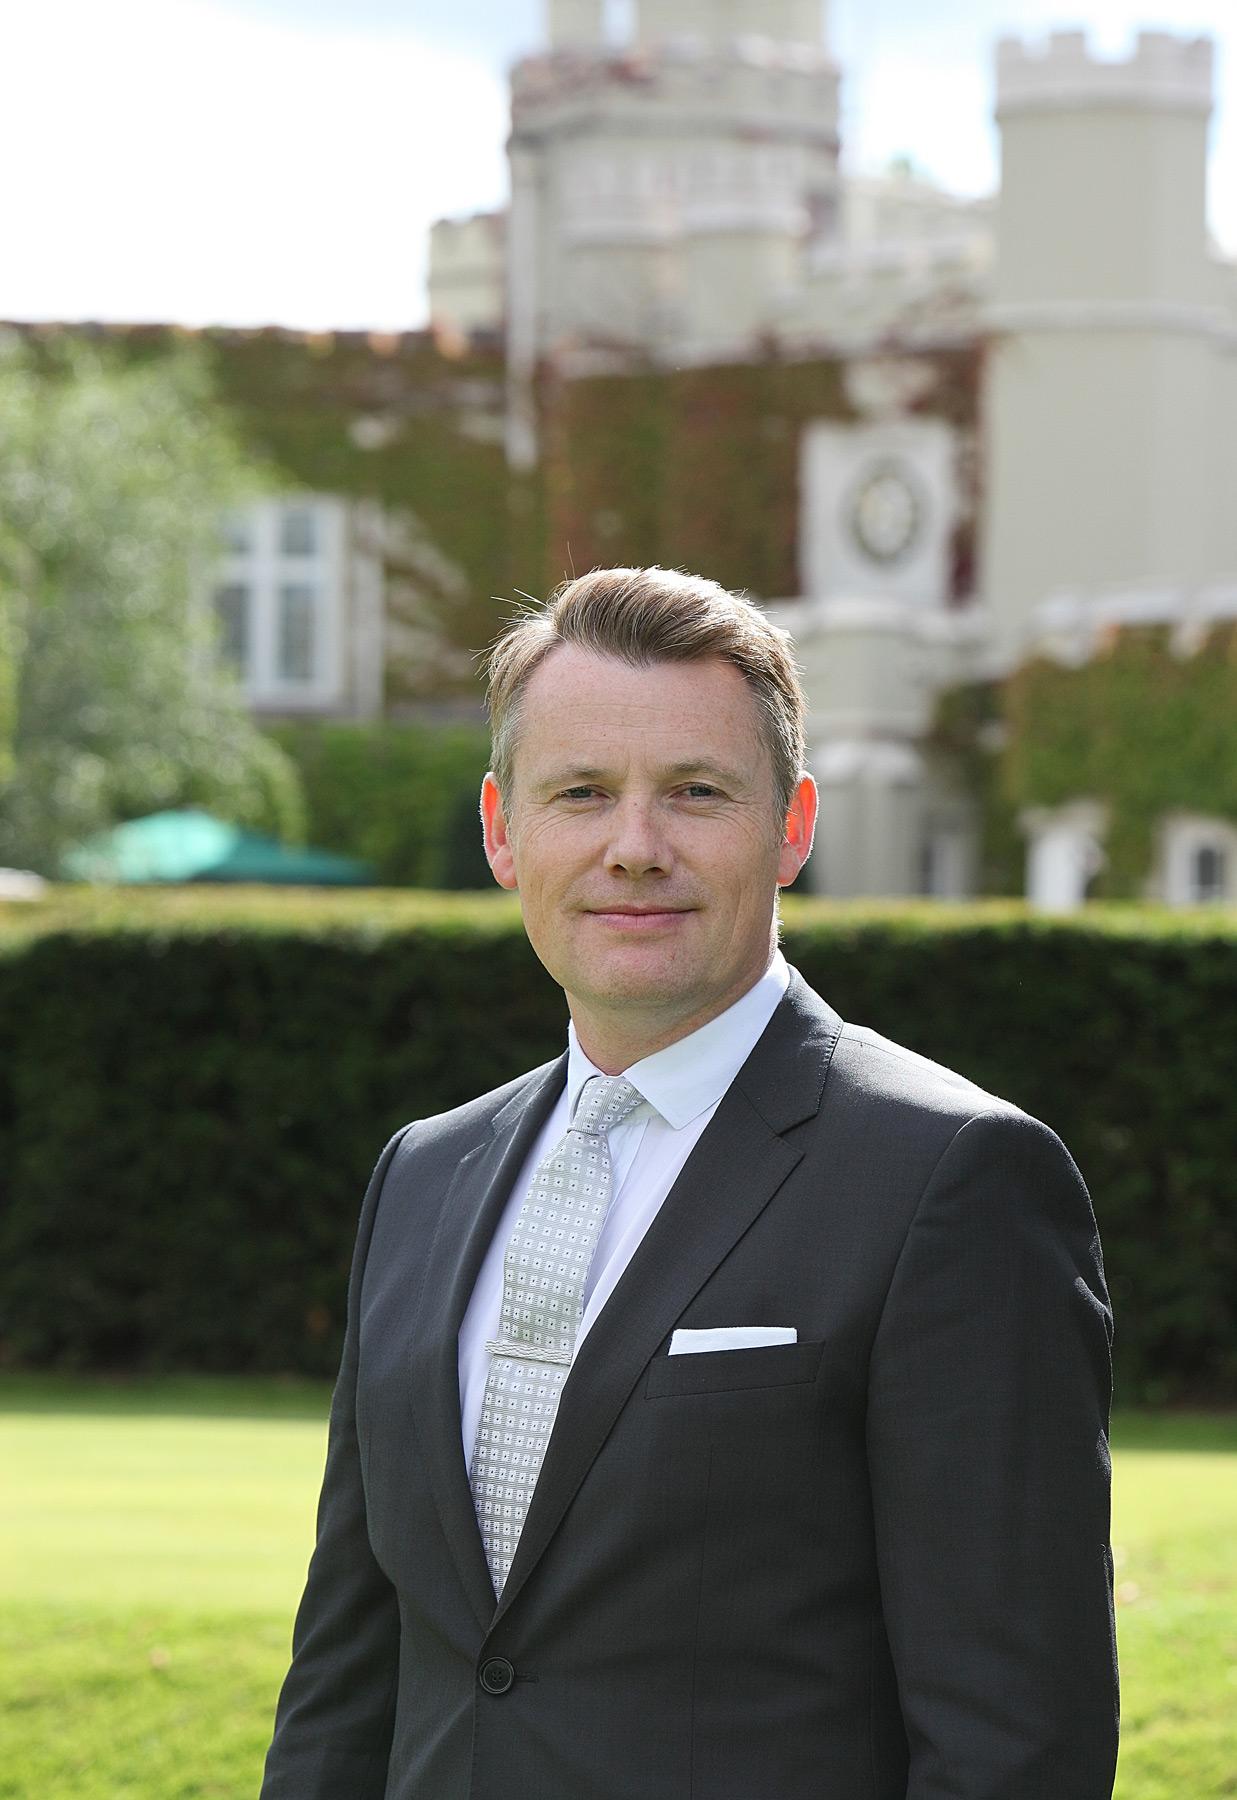 Stephen-Gibson-CEO-Wentworth